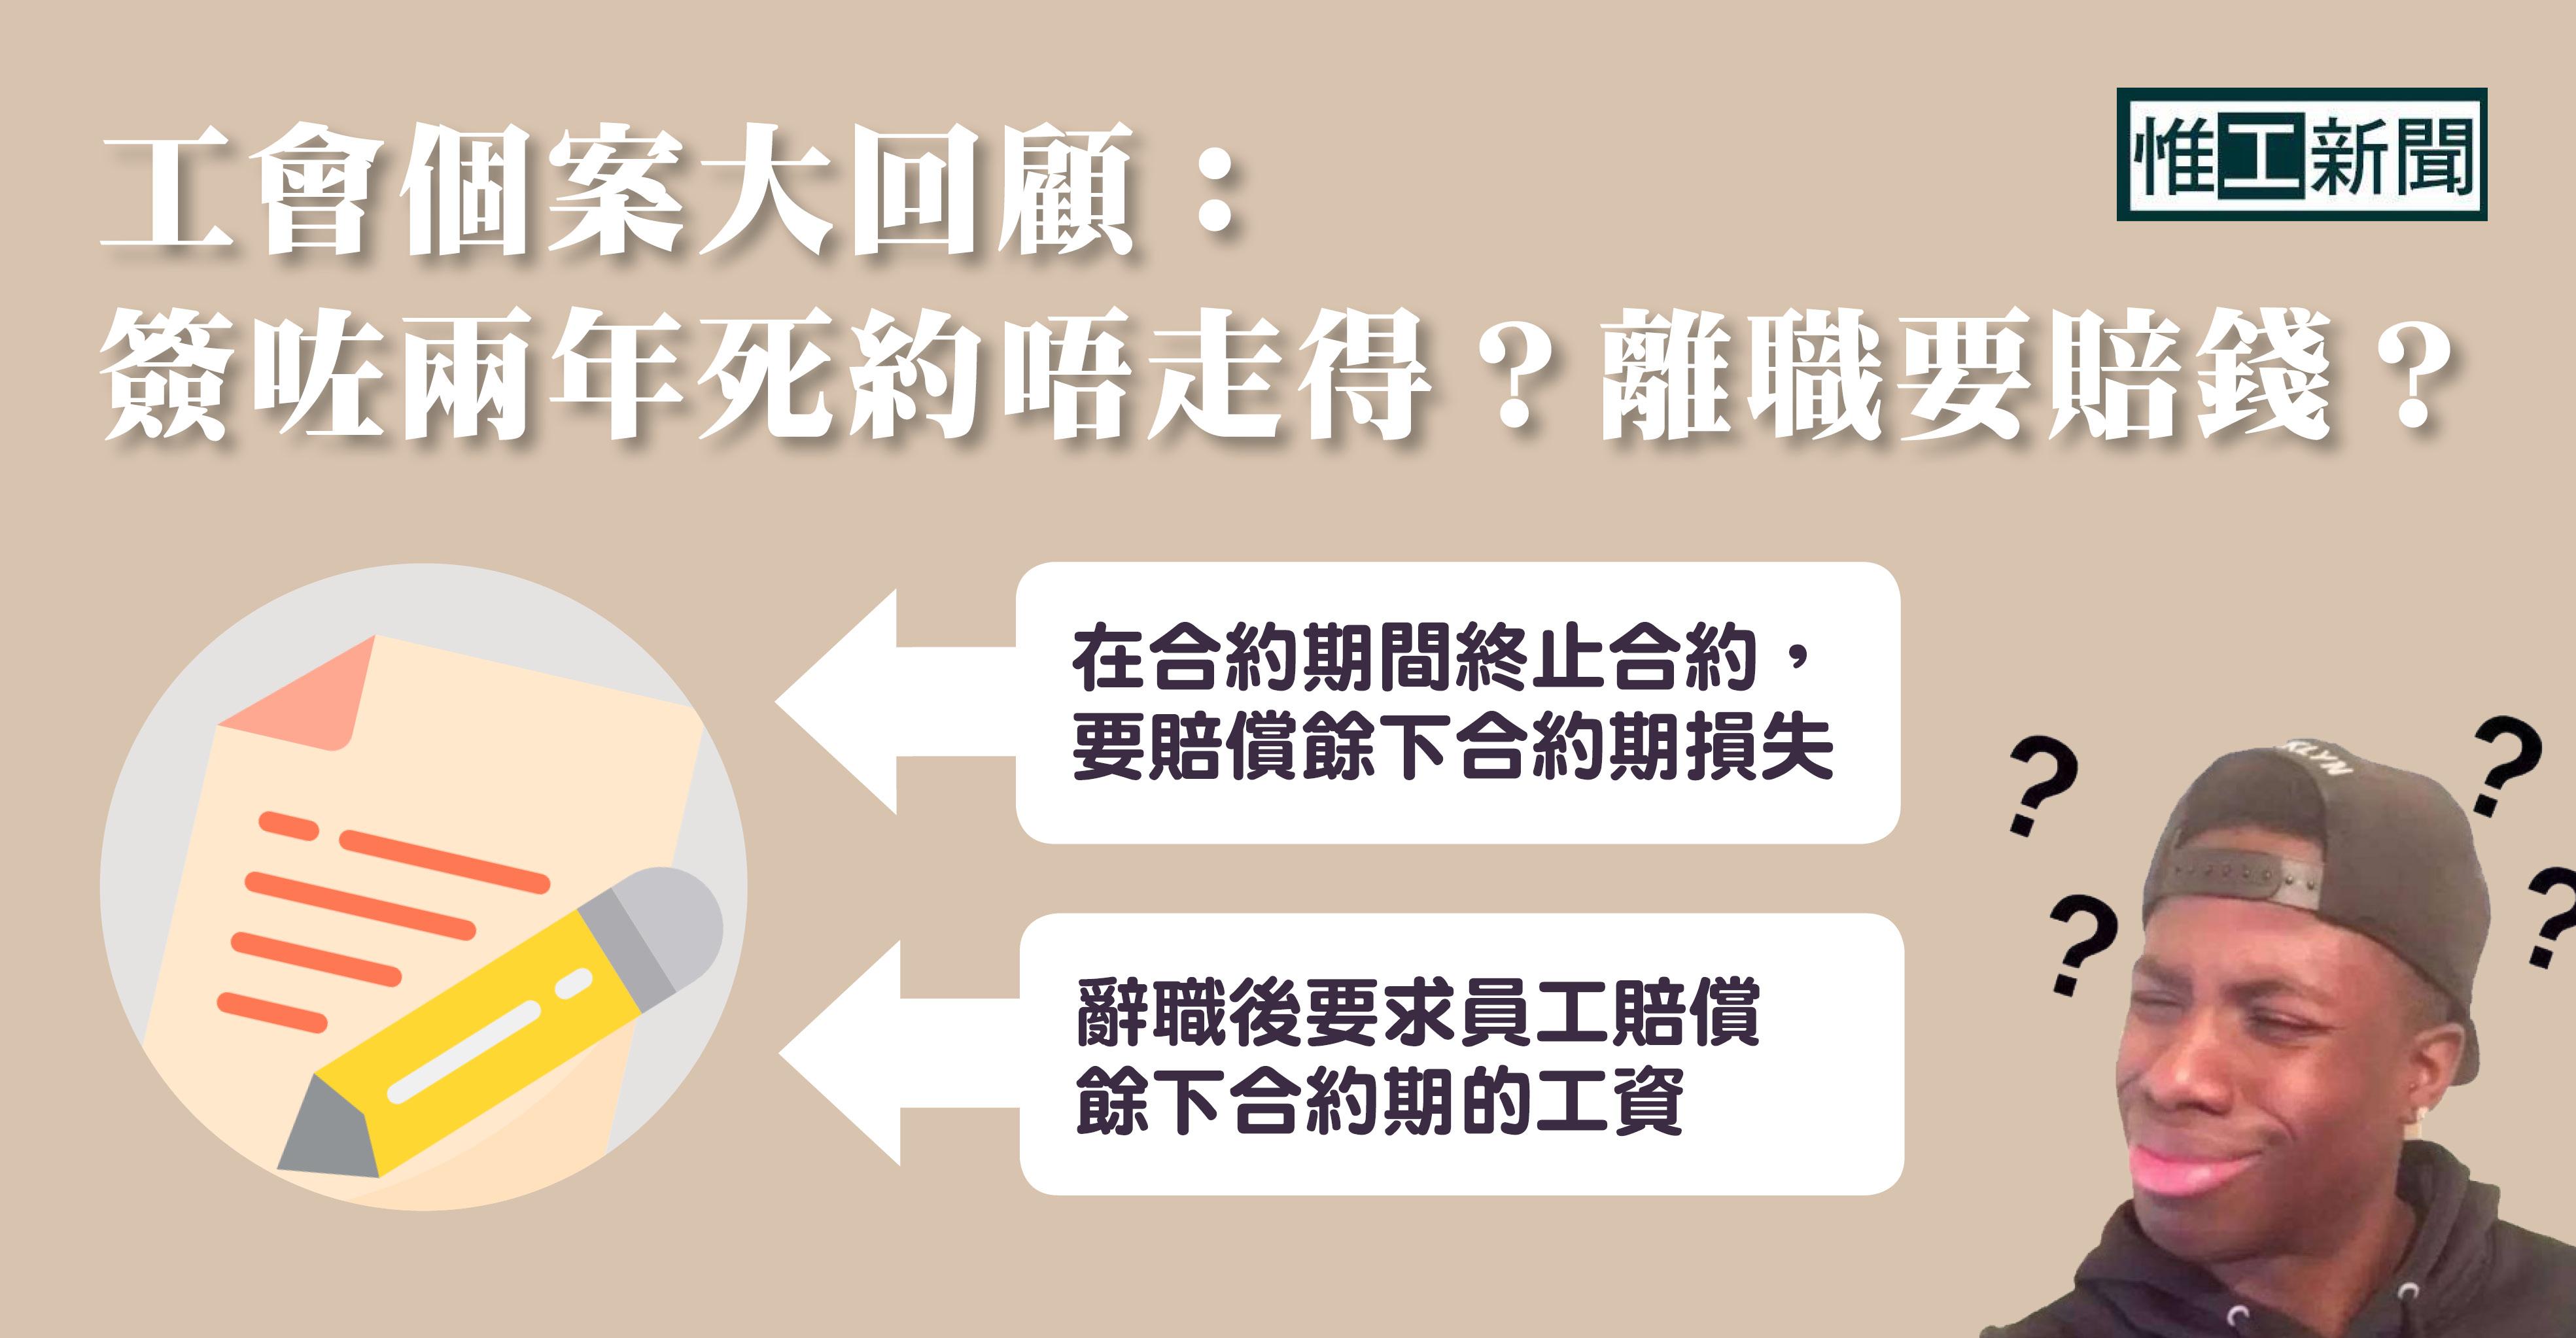 工會個案大回顧:簽咗兩年死約唔走得?離職要賠錢? | 惟工新聞 | WKNews